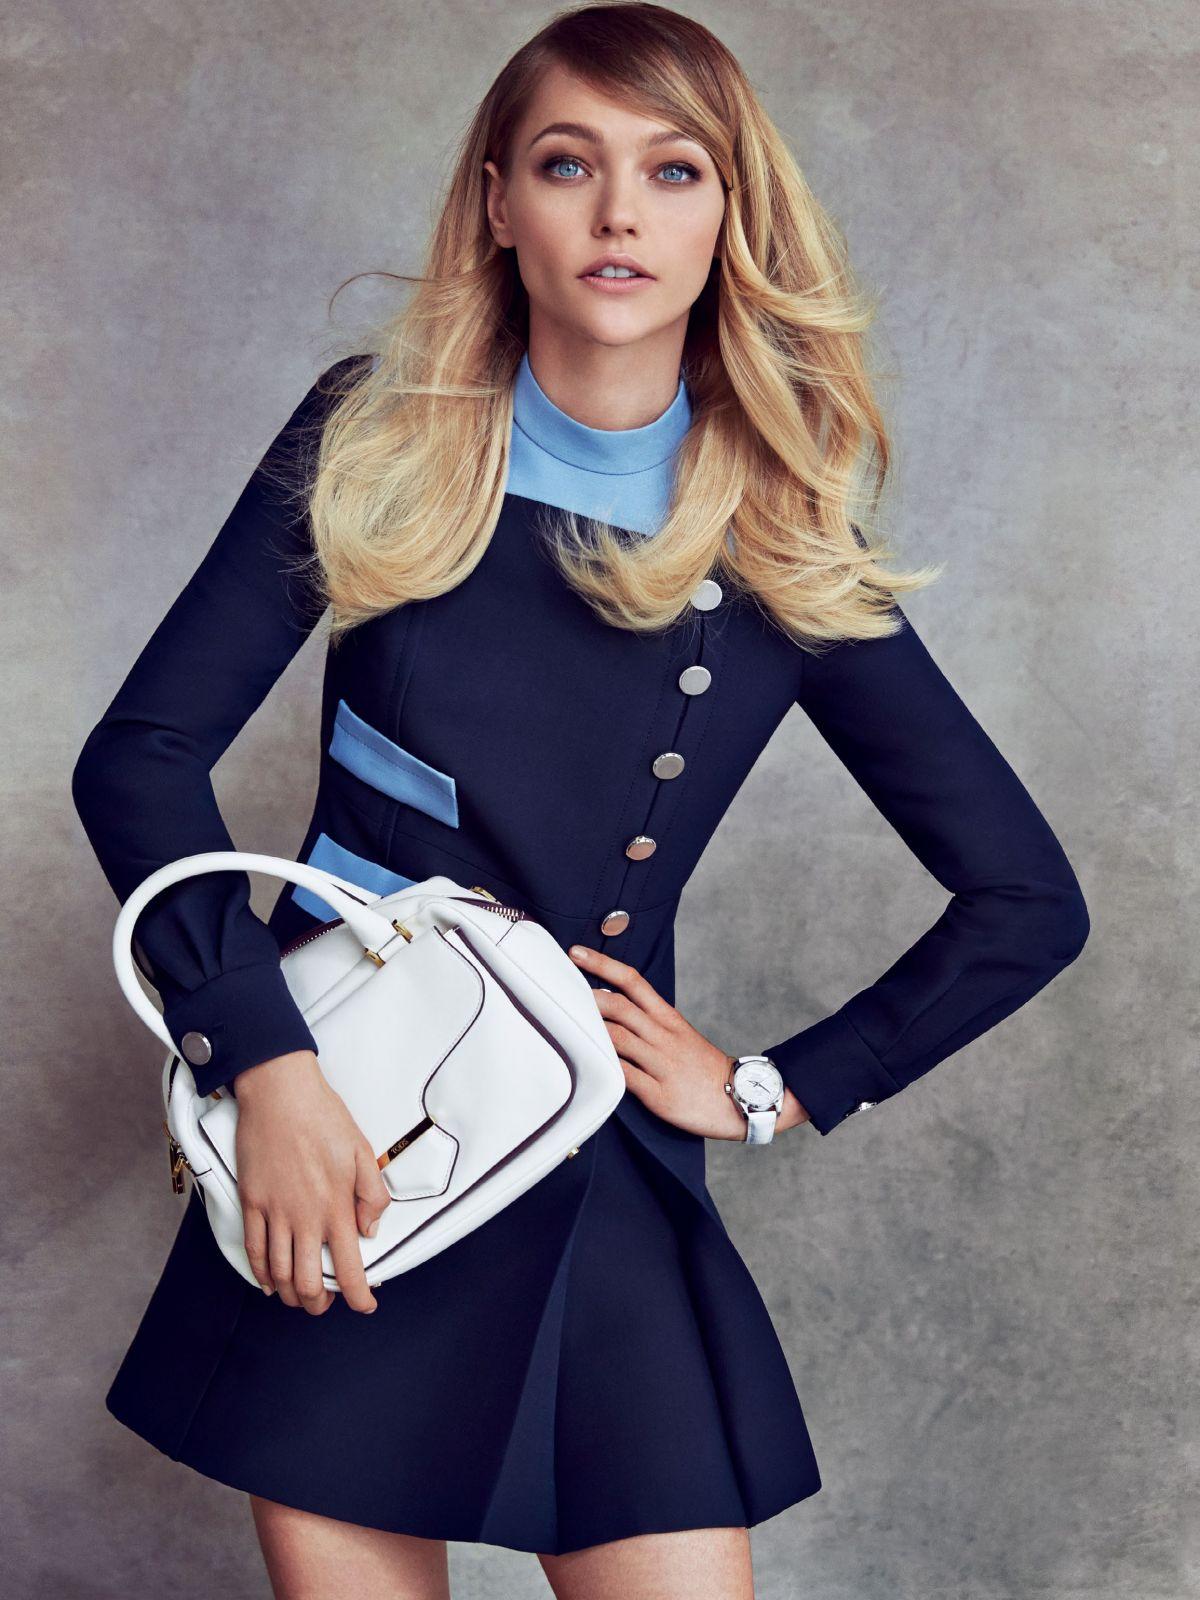 SASHA PIVAROVA - Patrick Demarchelier Photoshoot for Vogue